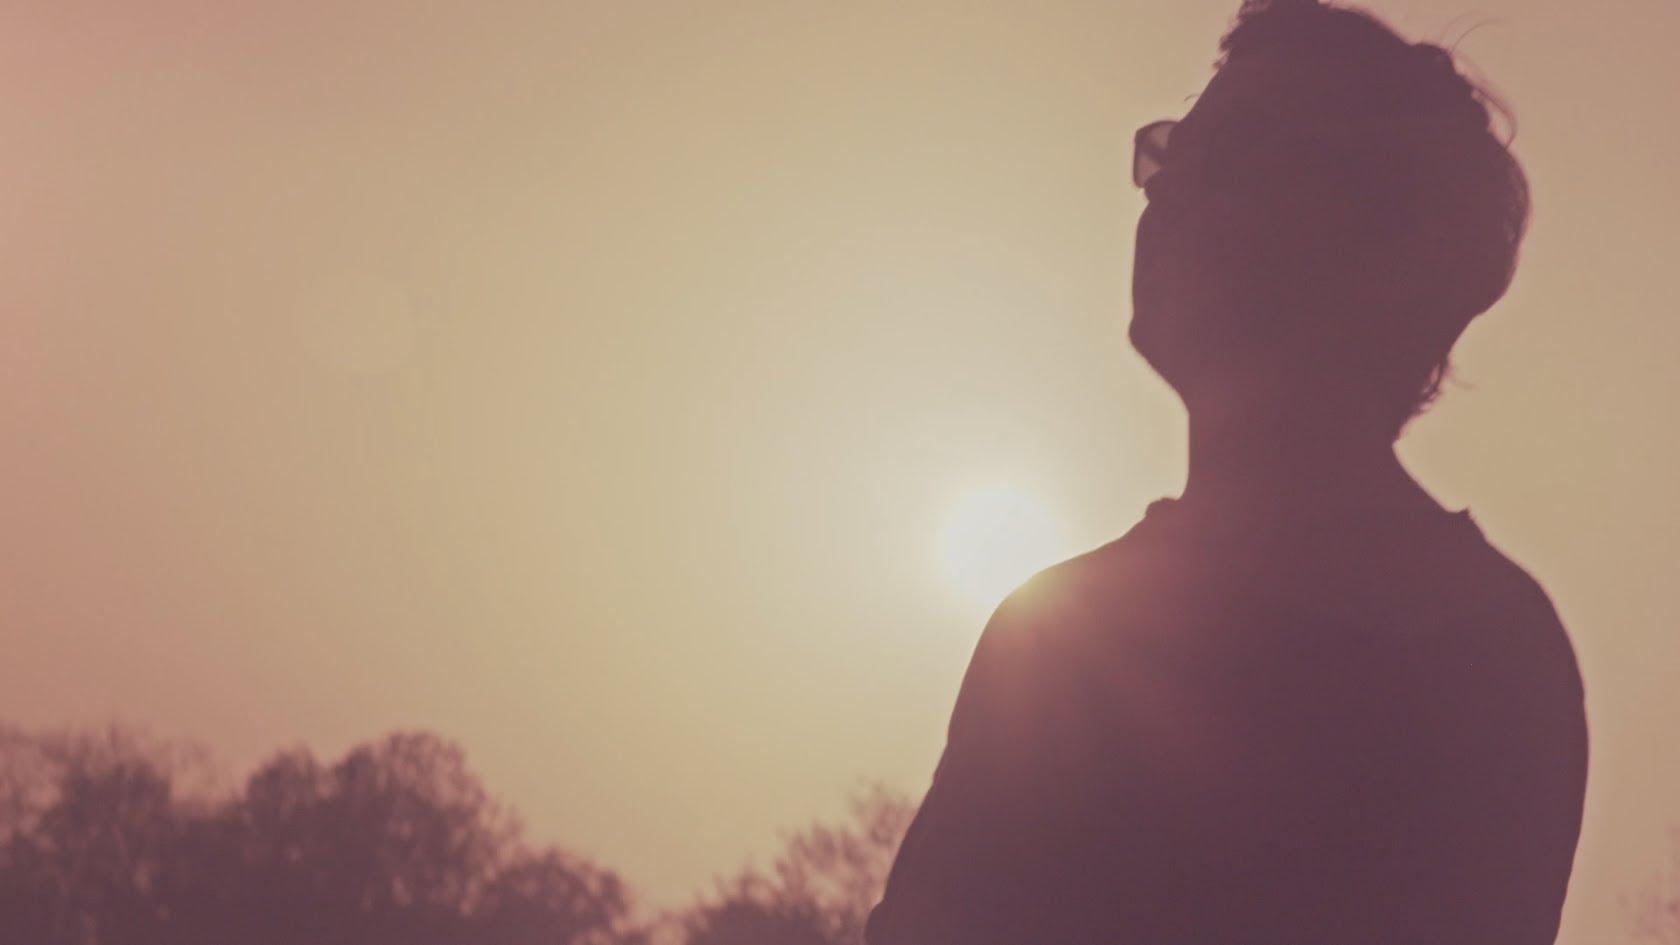 Iriepathie - Ich [10/28/2013]